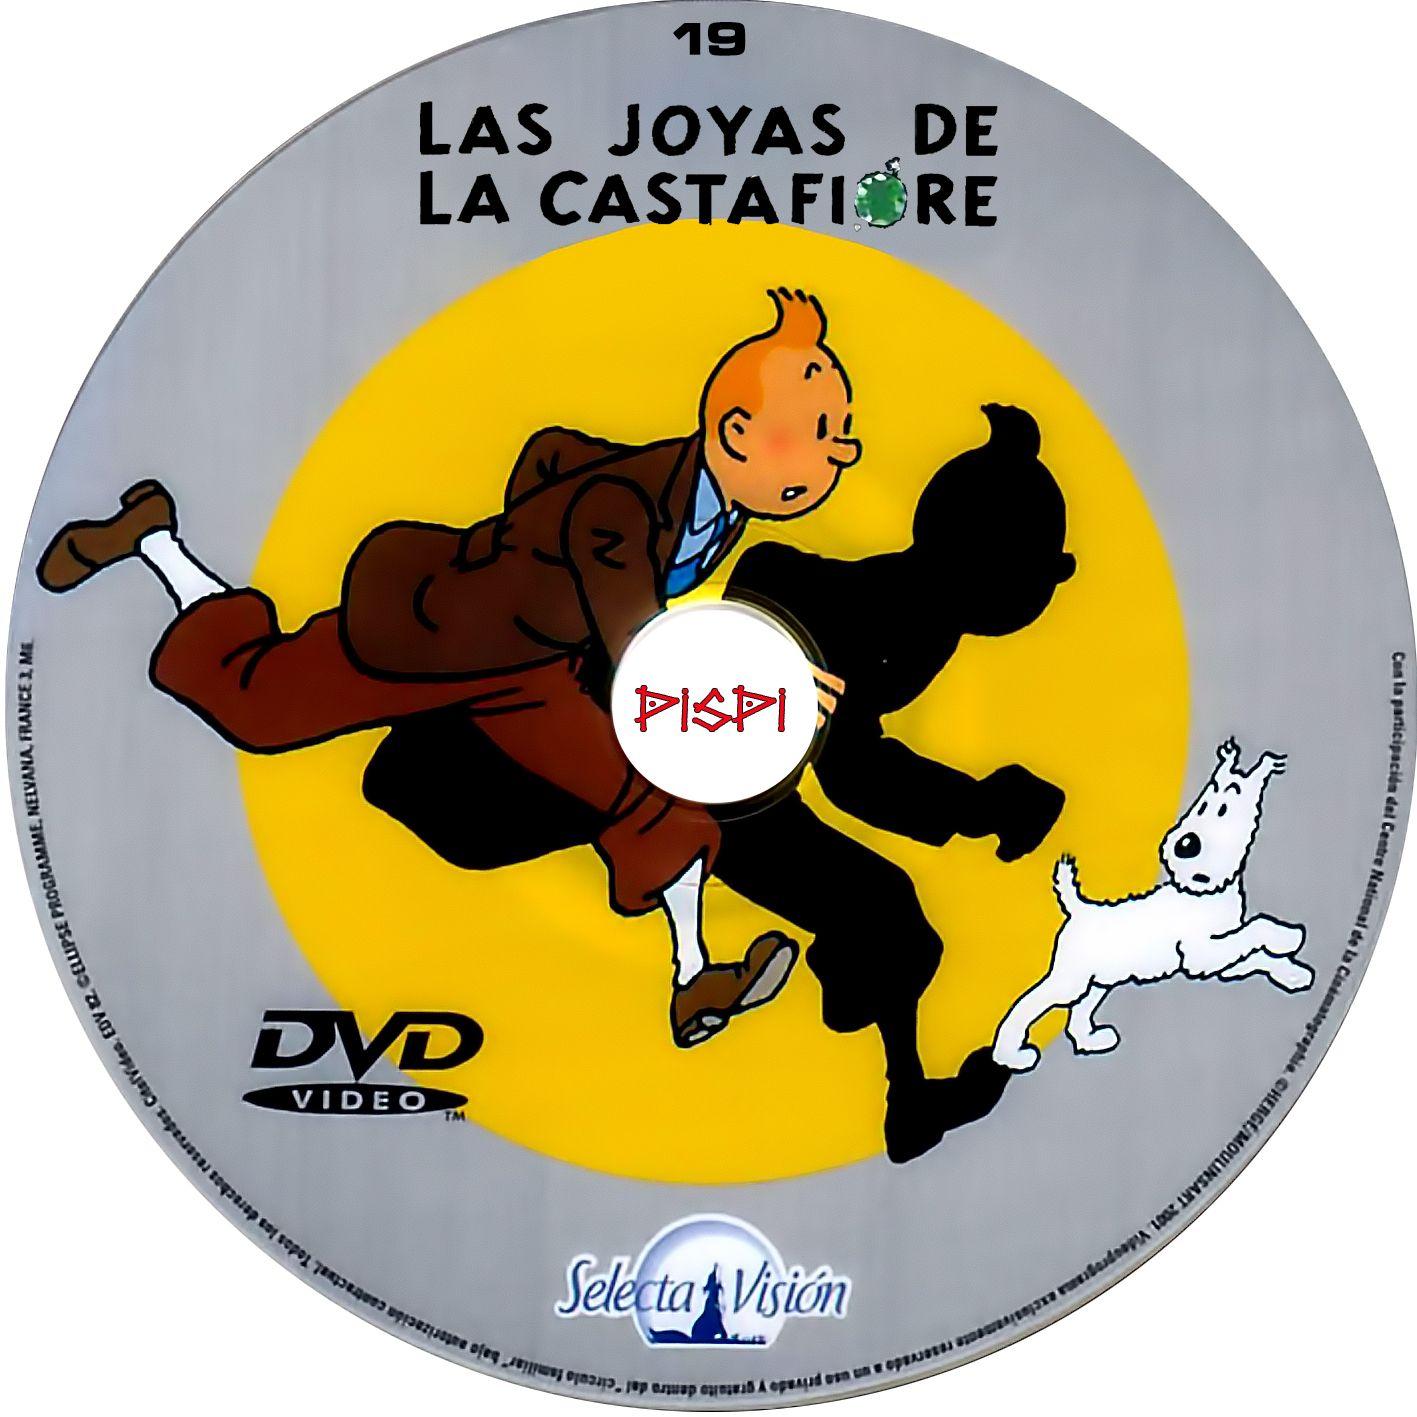 Las Aventuras De Tintin 19 Las Joyas De La Castafiore 1991 In 2020 Tintin Funny Jokes Imgur